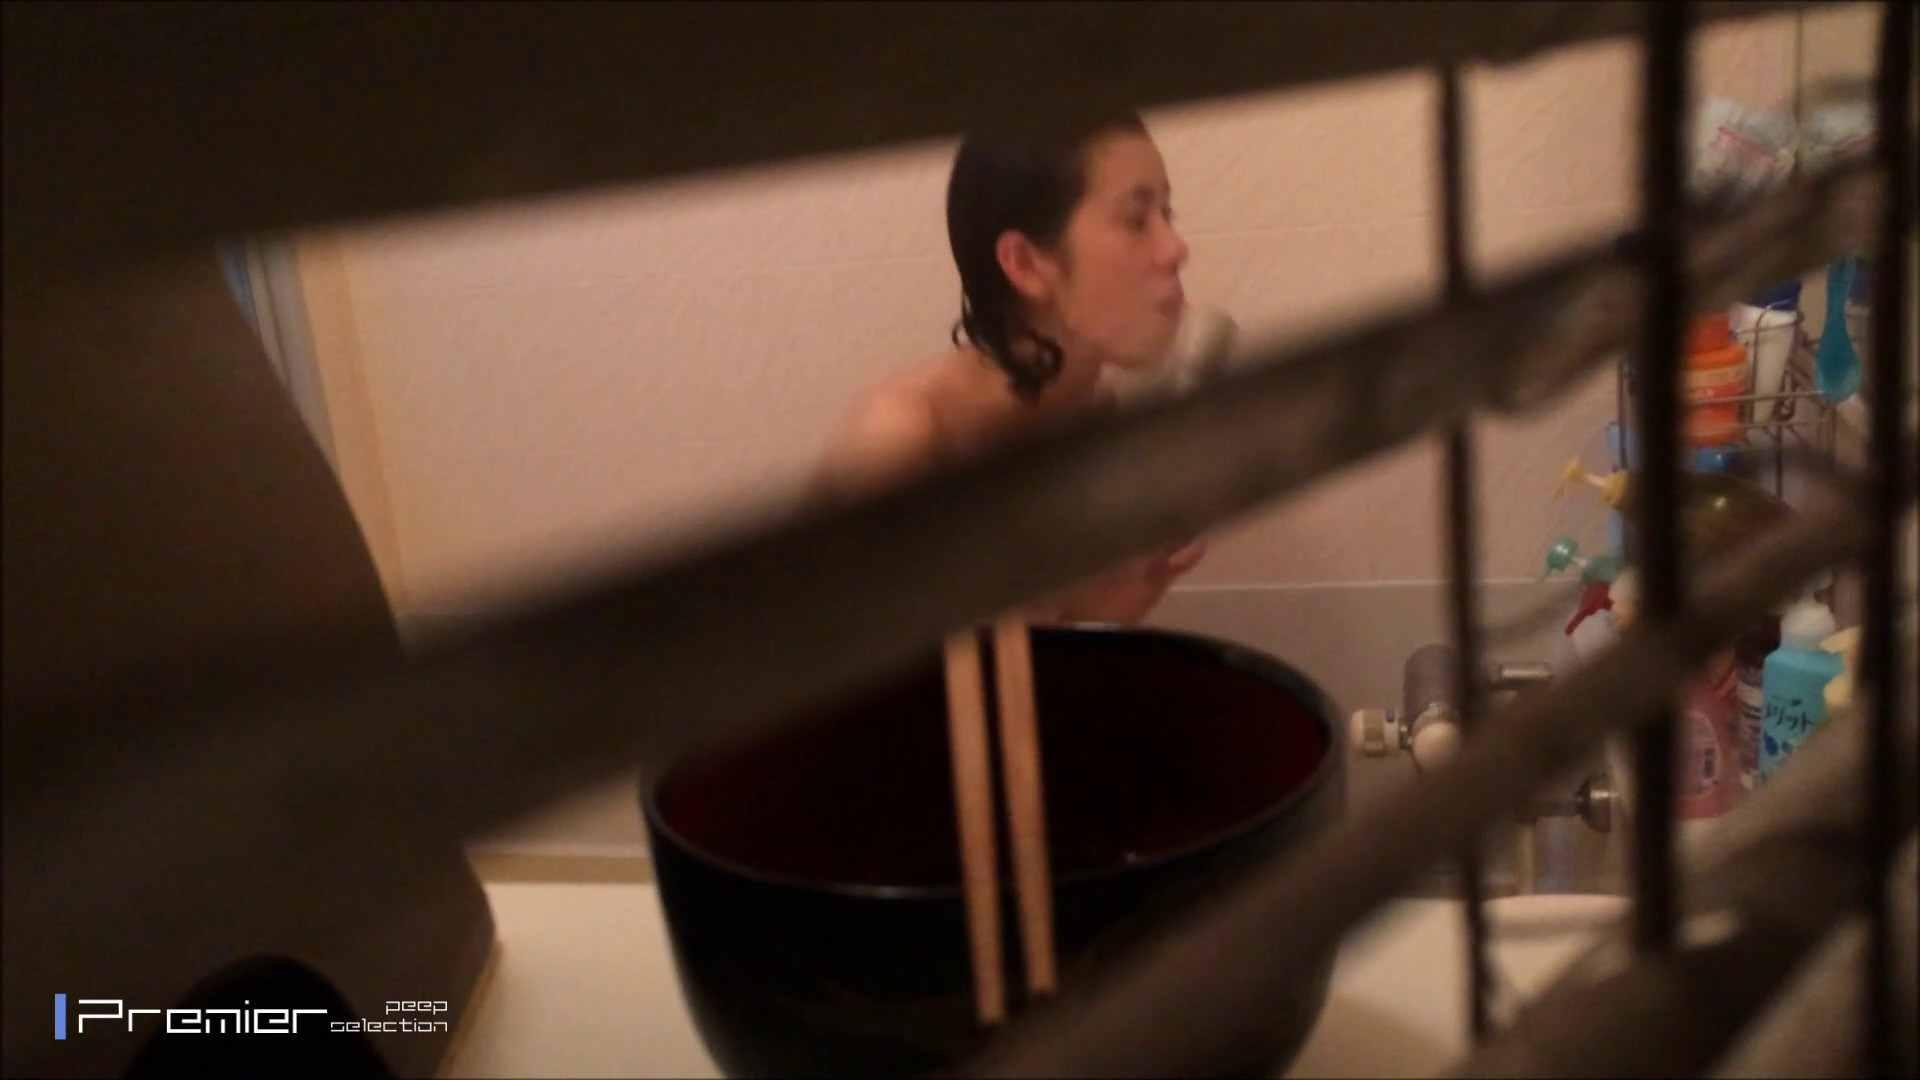 高画質フルハイビジョン スレンダー美女の入浴 乙女の風呂場 Vol.04 OLハメ撮り  94Pix 75